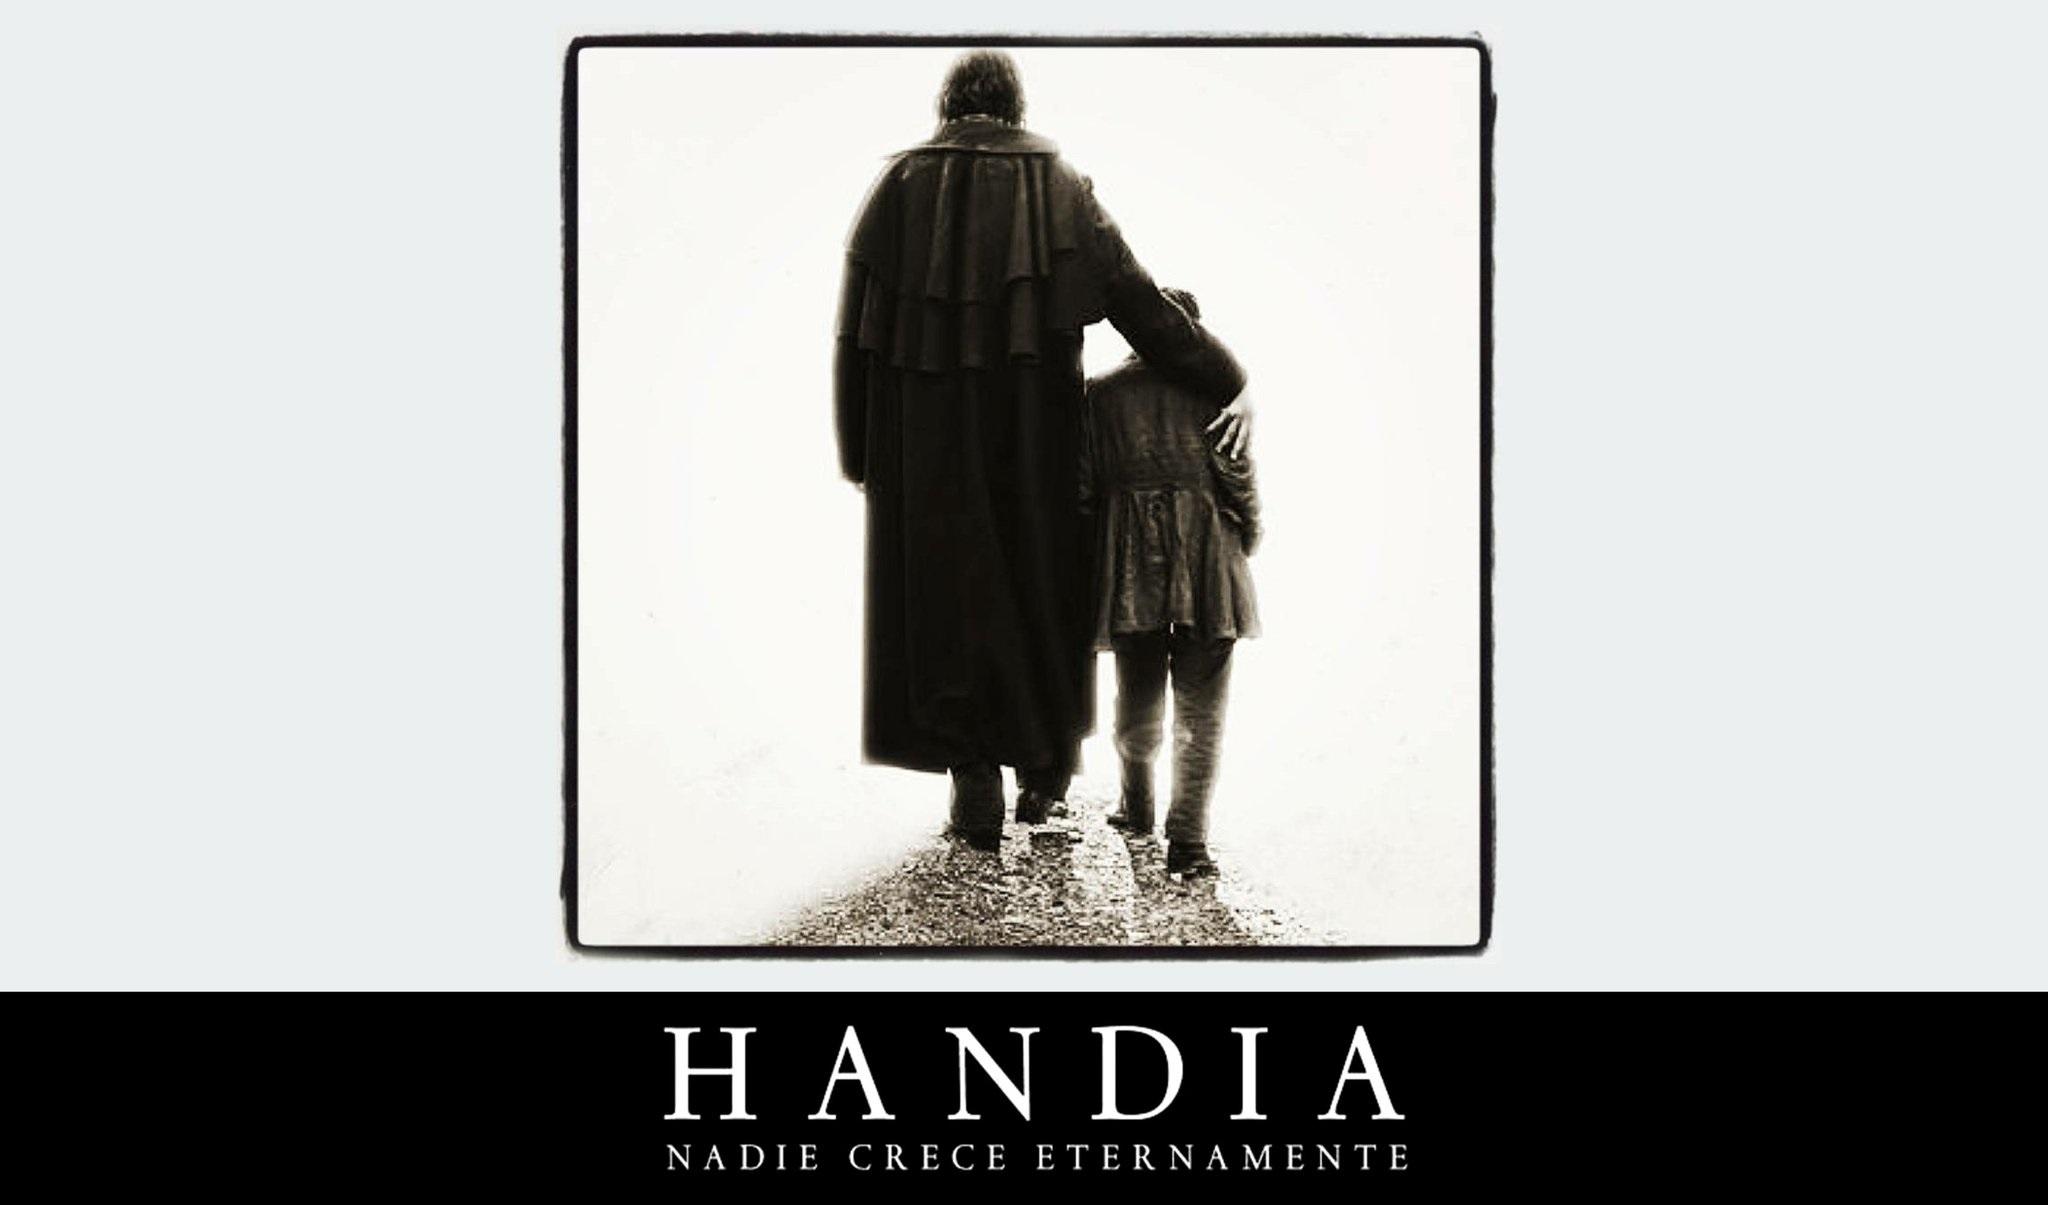 HandiaB